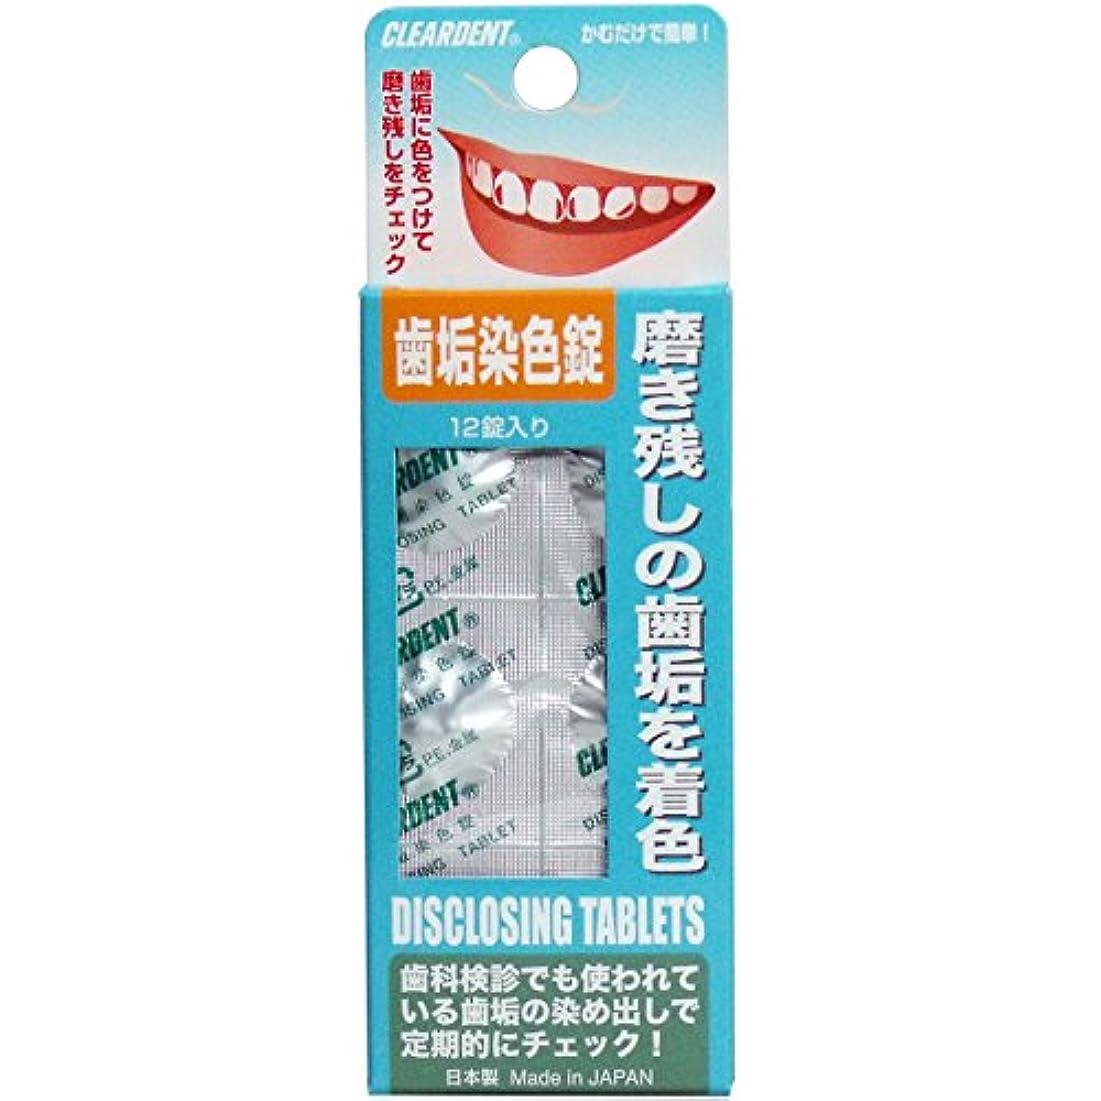 ブロッサム賞賛オセアニア広栄社 クリアデント歯垢染色錠12錠